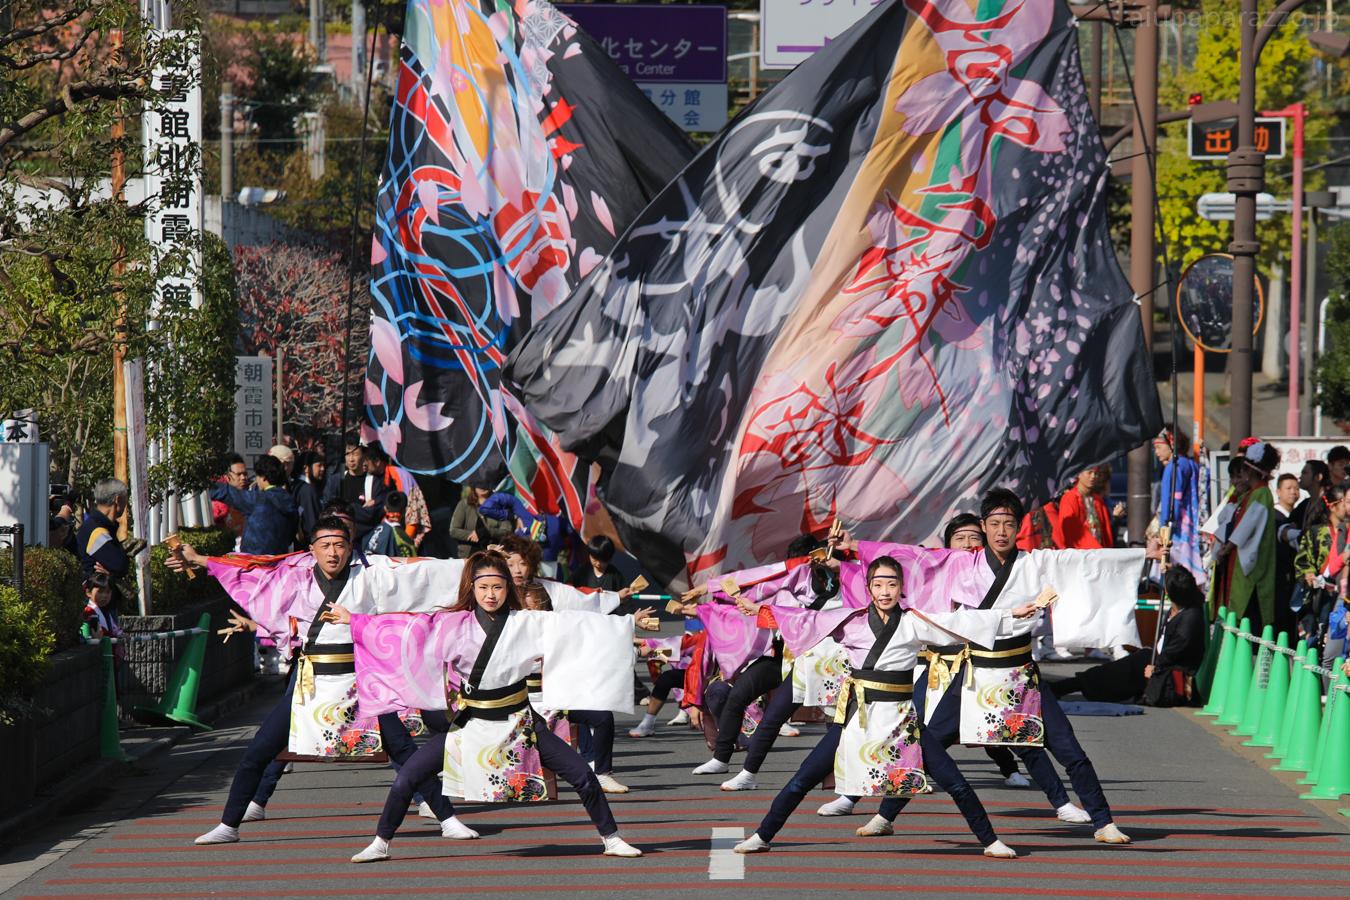 kabuki2016ran_oyachai-11.jpg